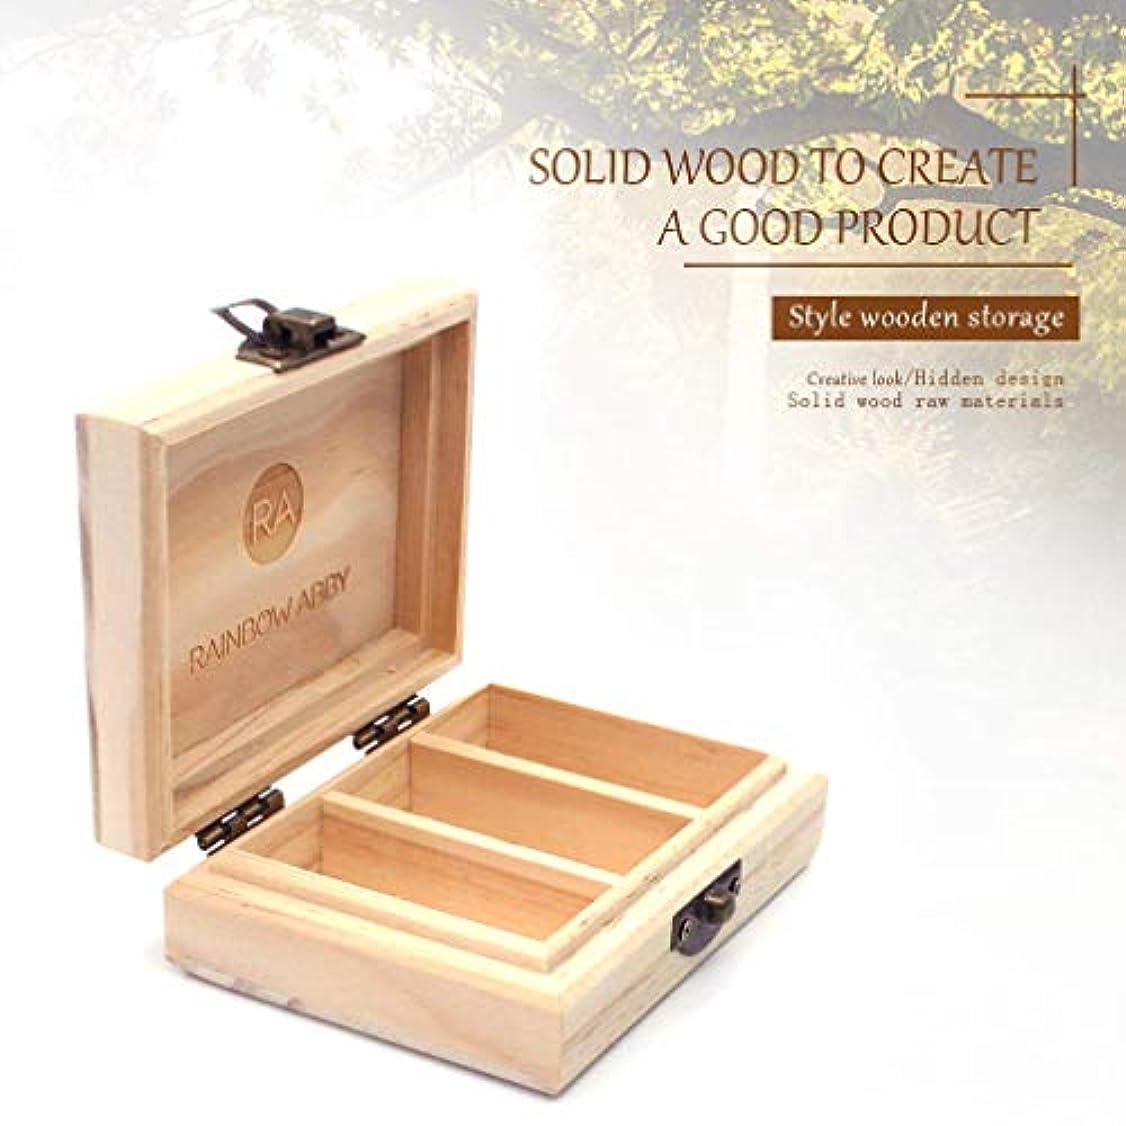 なるシルエットベイビーRAINBOW ABBY プロフェッショナル エッセンシャル オイル 小さな 木製 キャリング ケース - 3つ スロット/ 4.3x3.2x1.5インチ カスタマイズ 自然 パイン エッセンシャル オイル ストレージ...